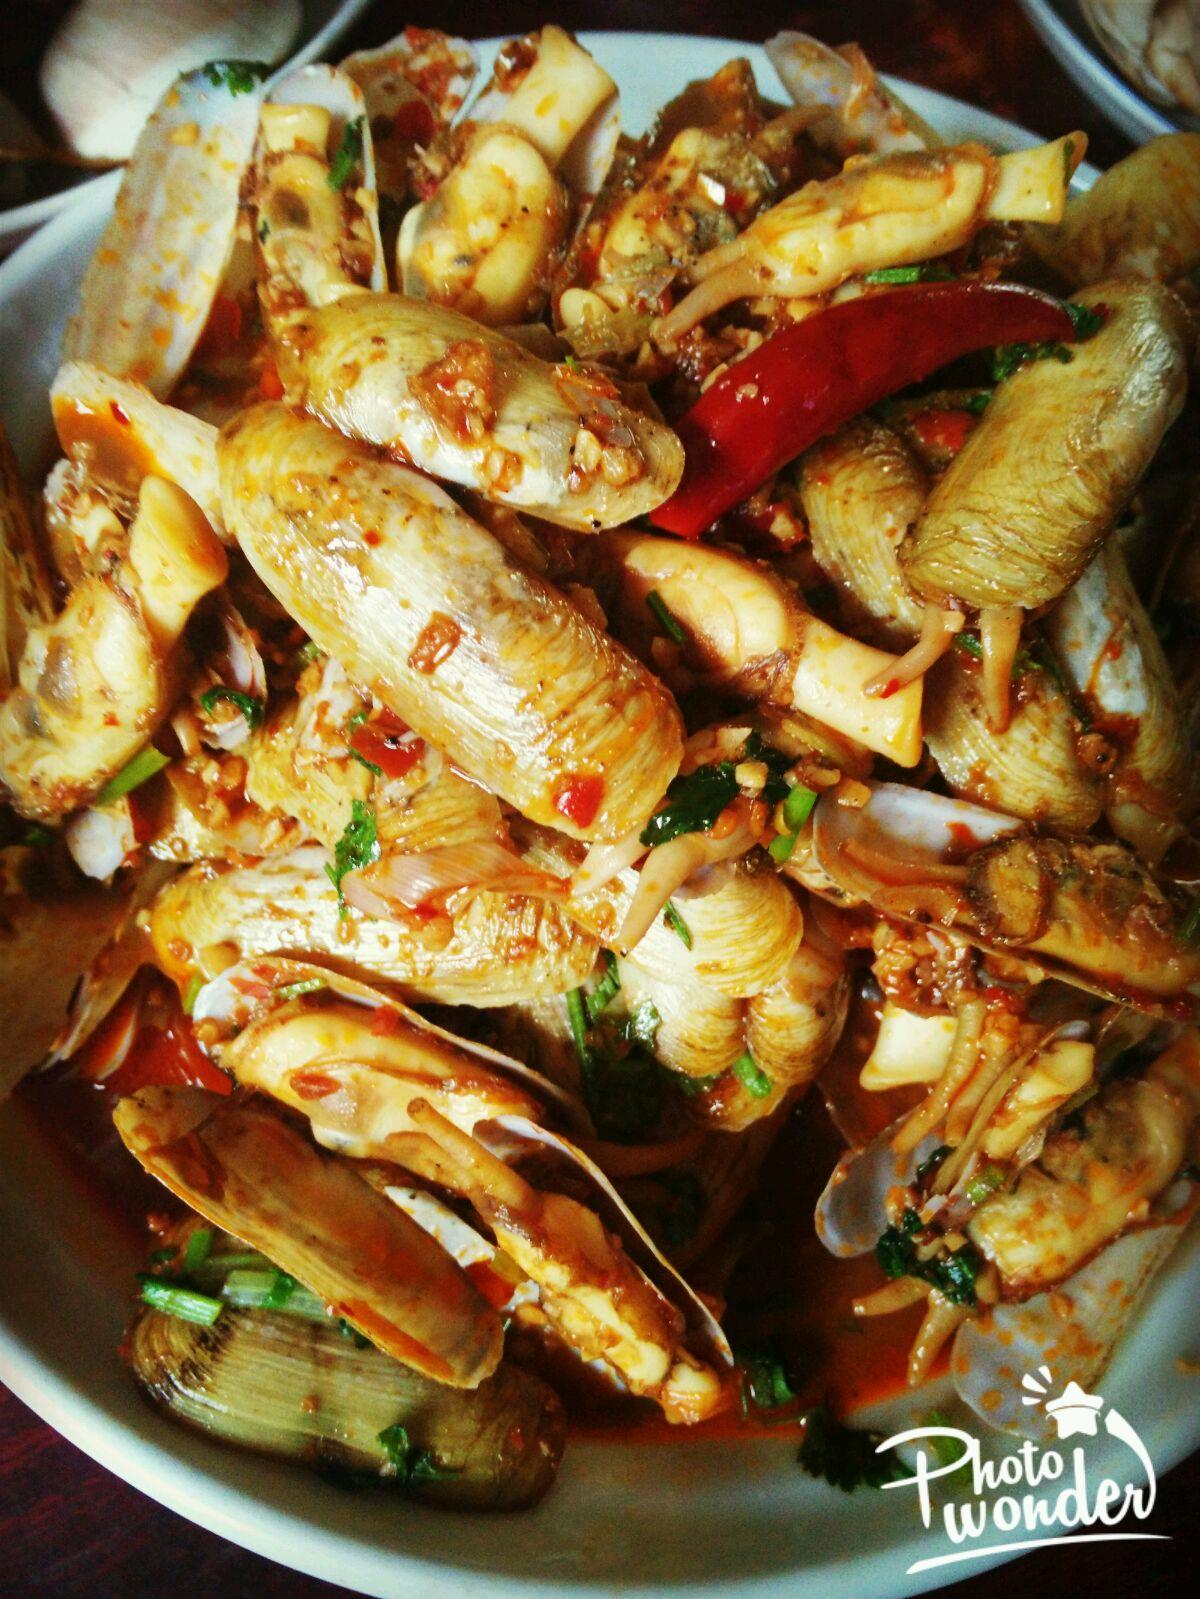 辣炒海蛏的做法_菜谱_豆果美食